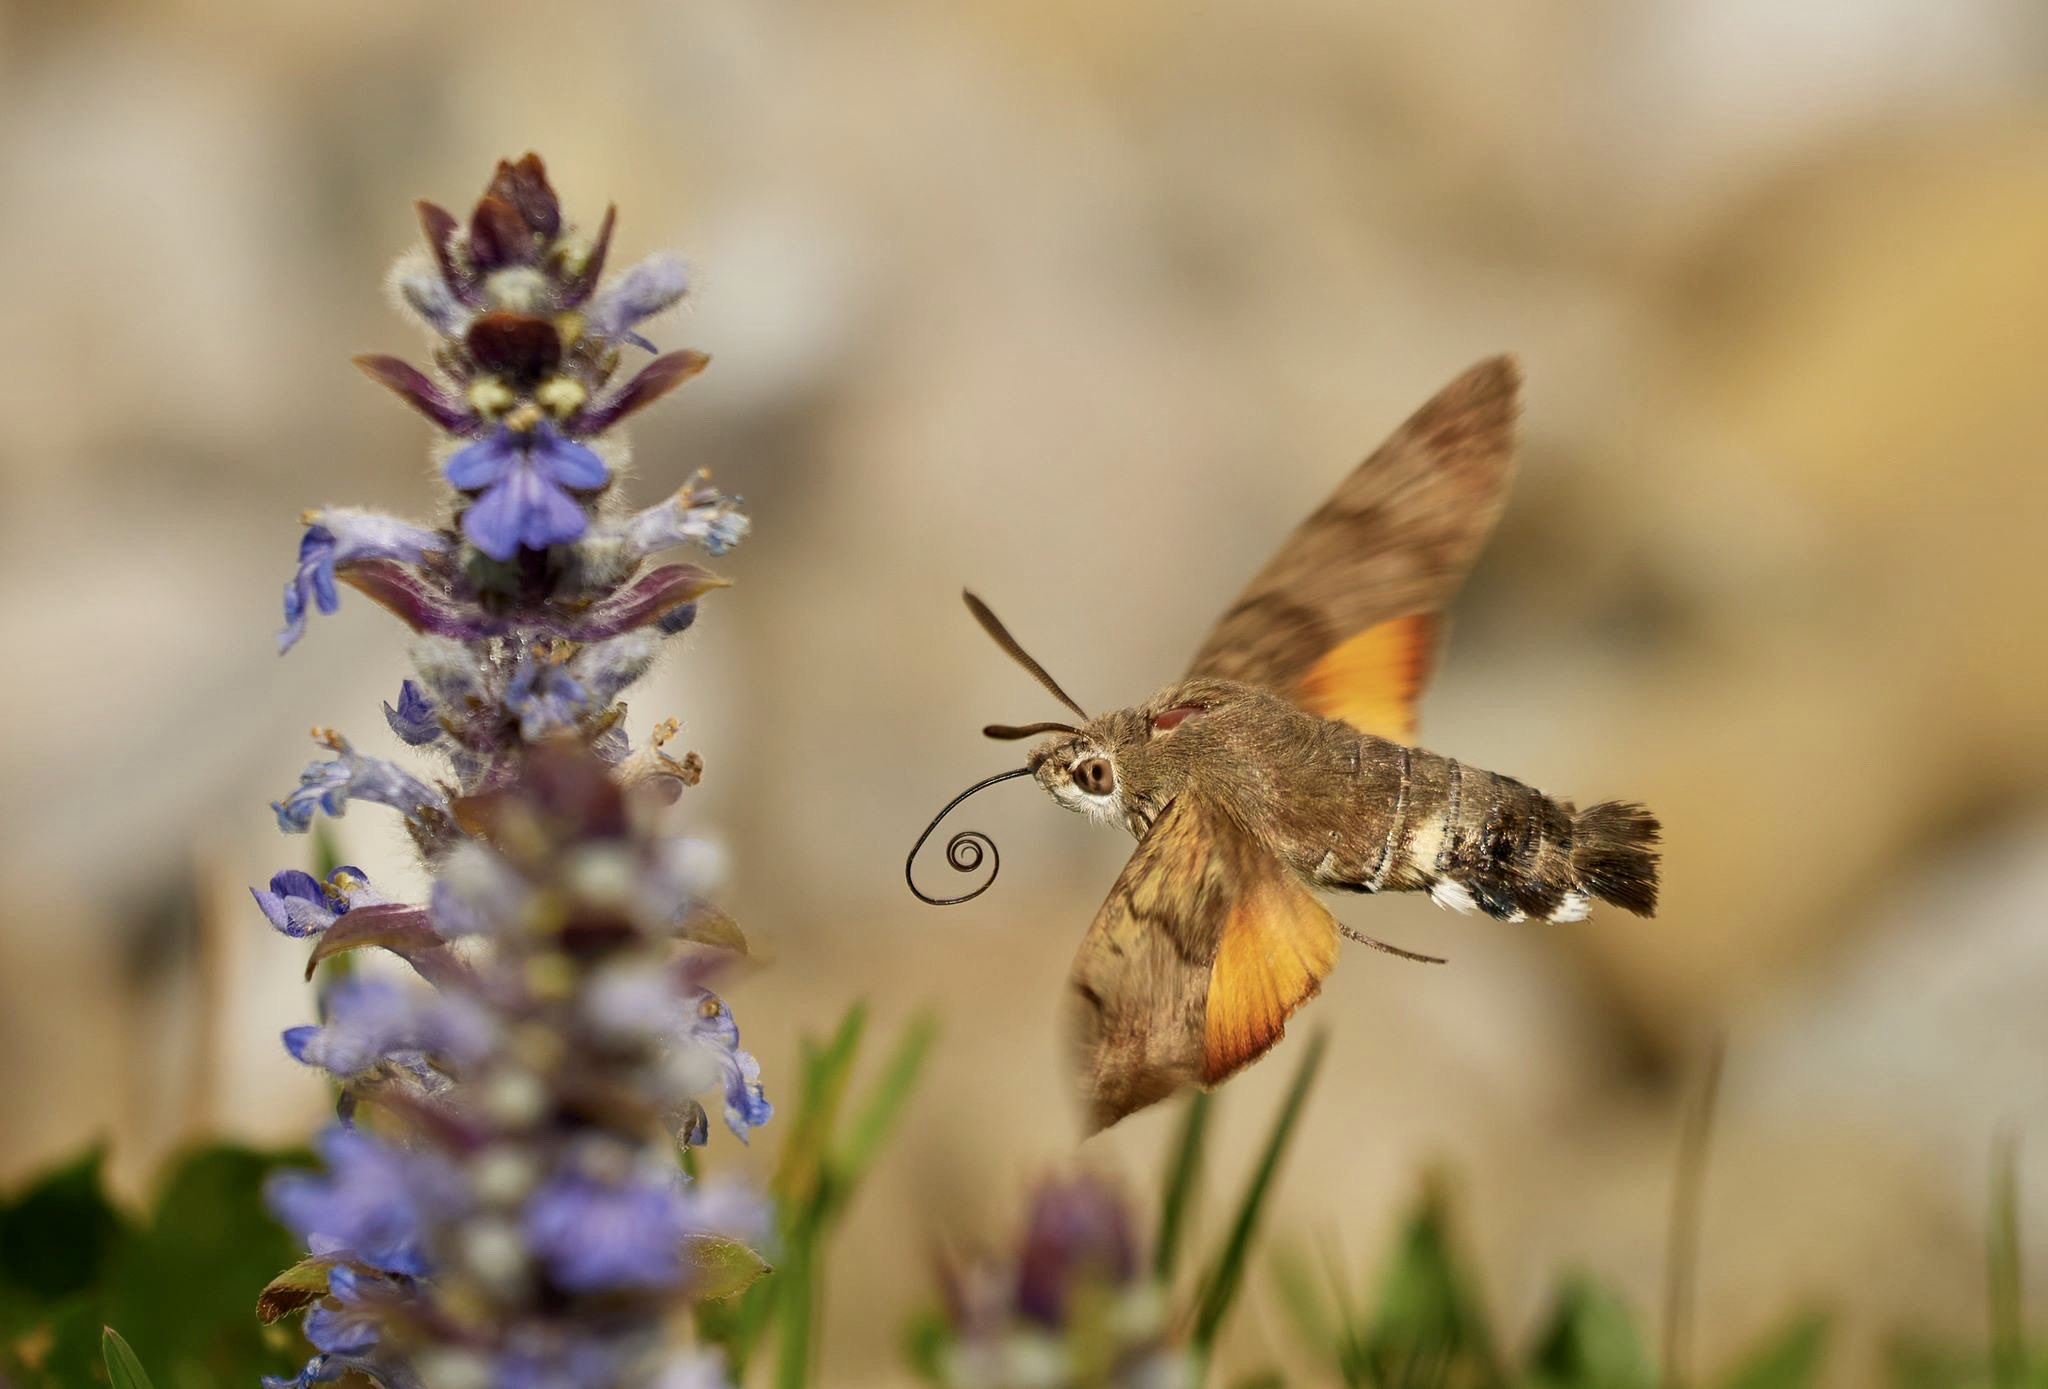 Sensationelle-Ergebnisse-der-Schmetterlingsz-hlung-in-sterreich